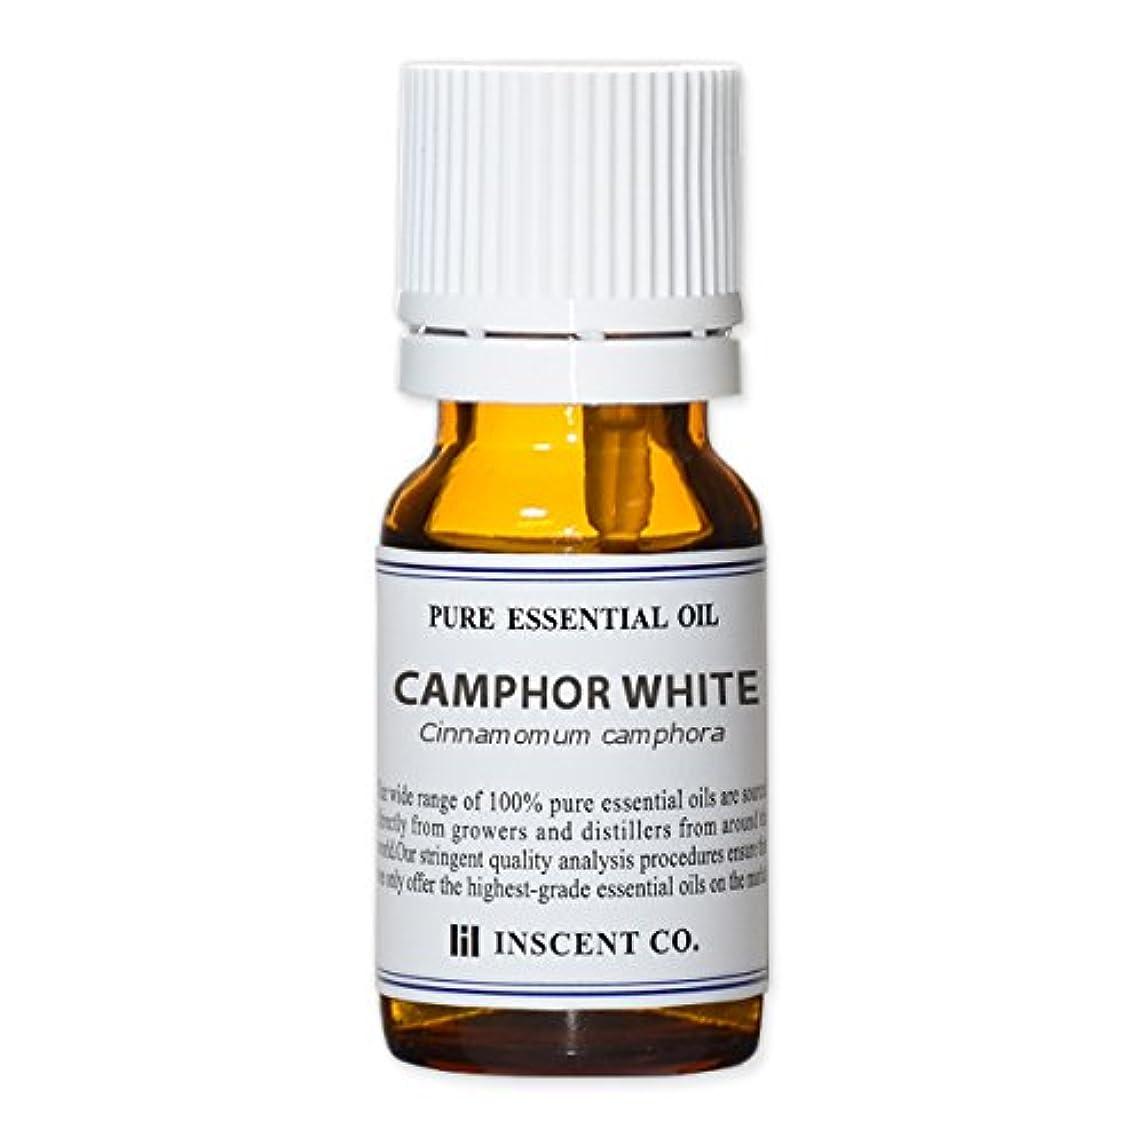 会計士裁定パワーカンファー (ホワイト) 10ml インセント アロマオイル AEAJ 表示基準適合認定精油